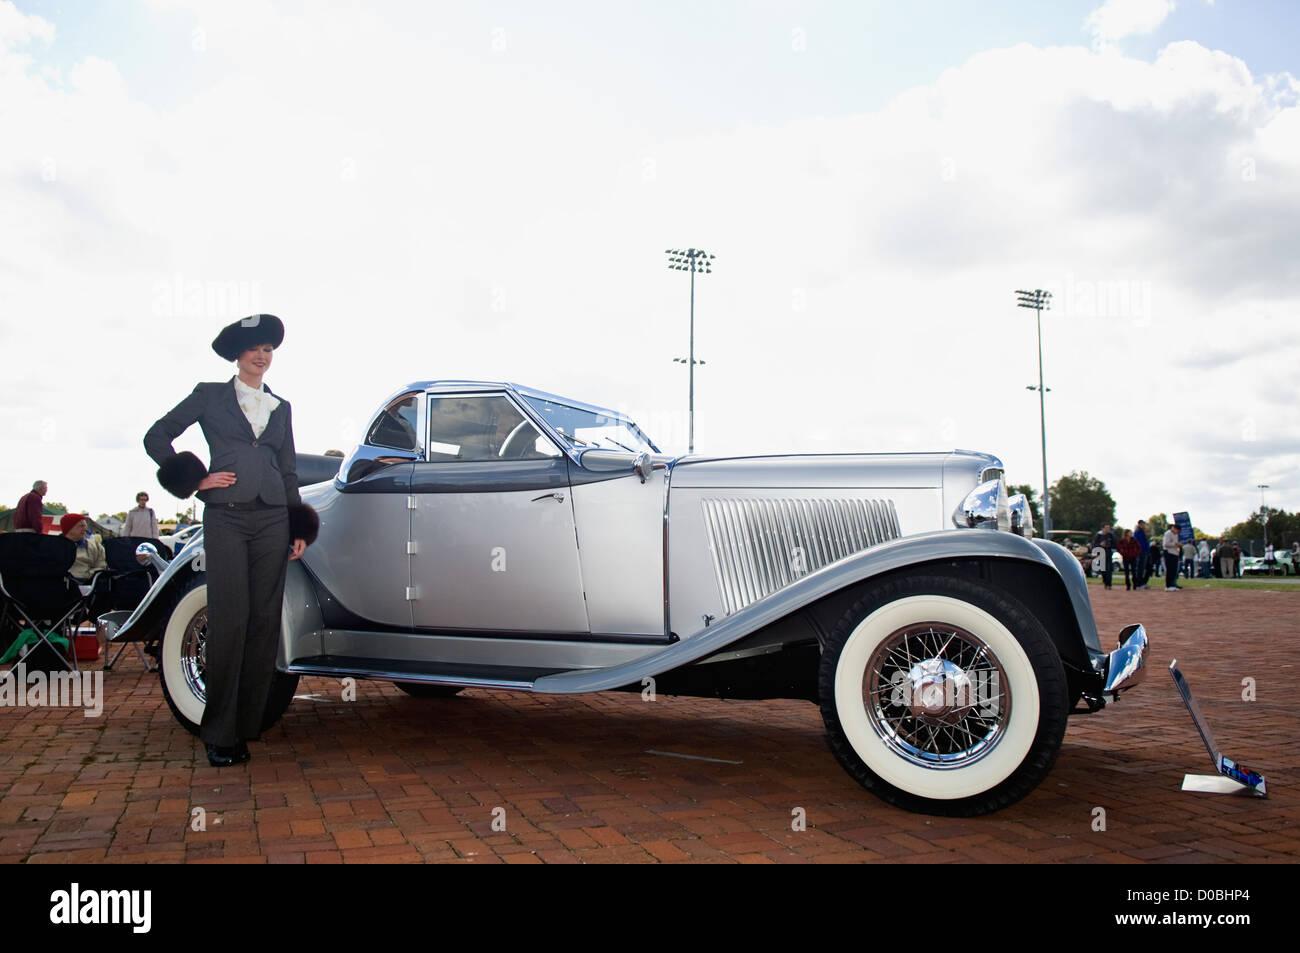 Model Posing à côté de l'automobile Auburn Classique 2012 Concours d'elégance à Photo Stock